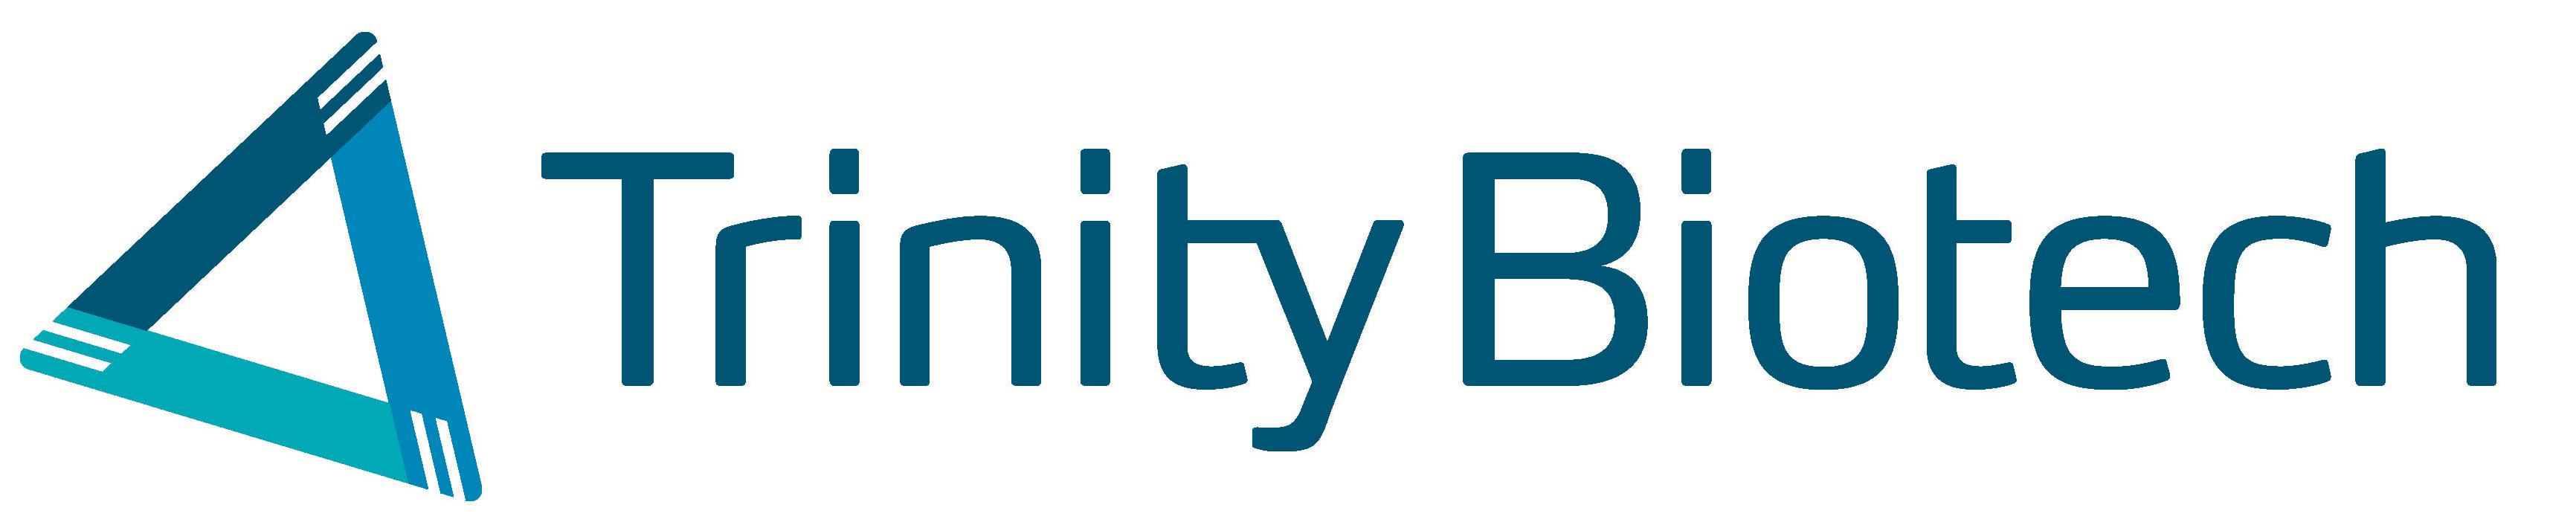 trinity-biotech